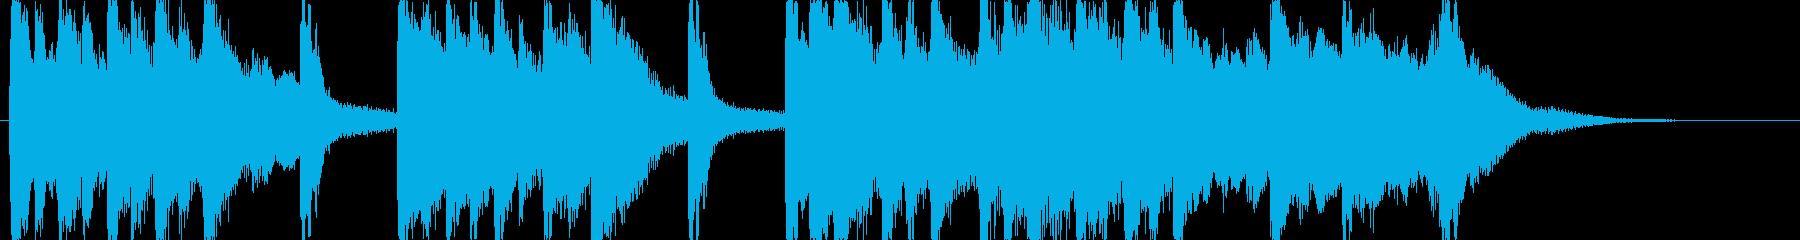 市販CD音圧。琴笛を使った邦楽出囃子の再生済みの波形